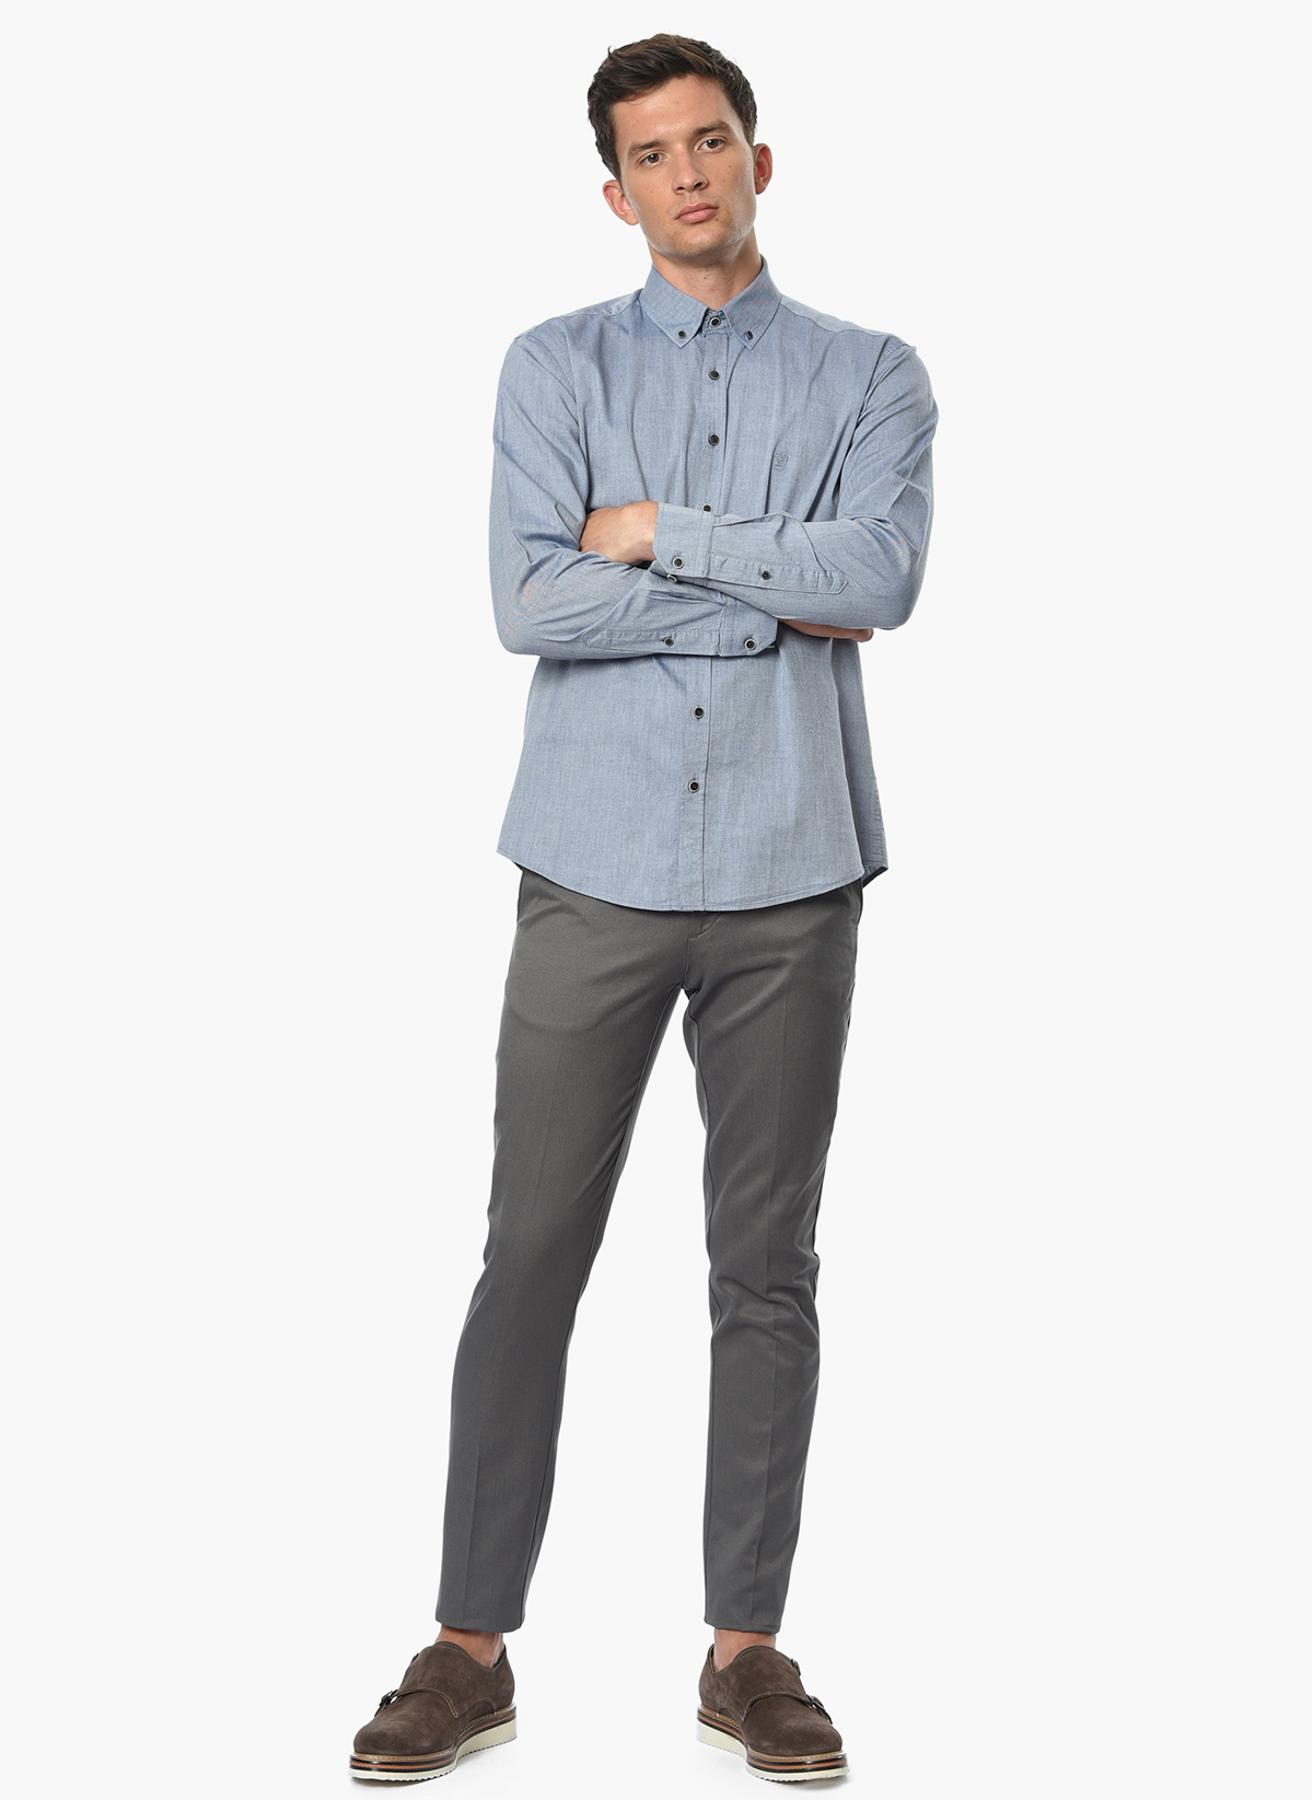 George Hogg Casual Gri Klasik Pantolon 46-6 5001699247001 Ürün Resmi